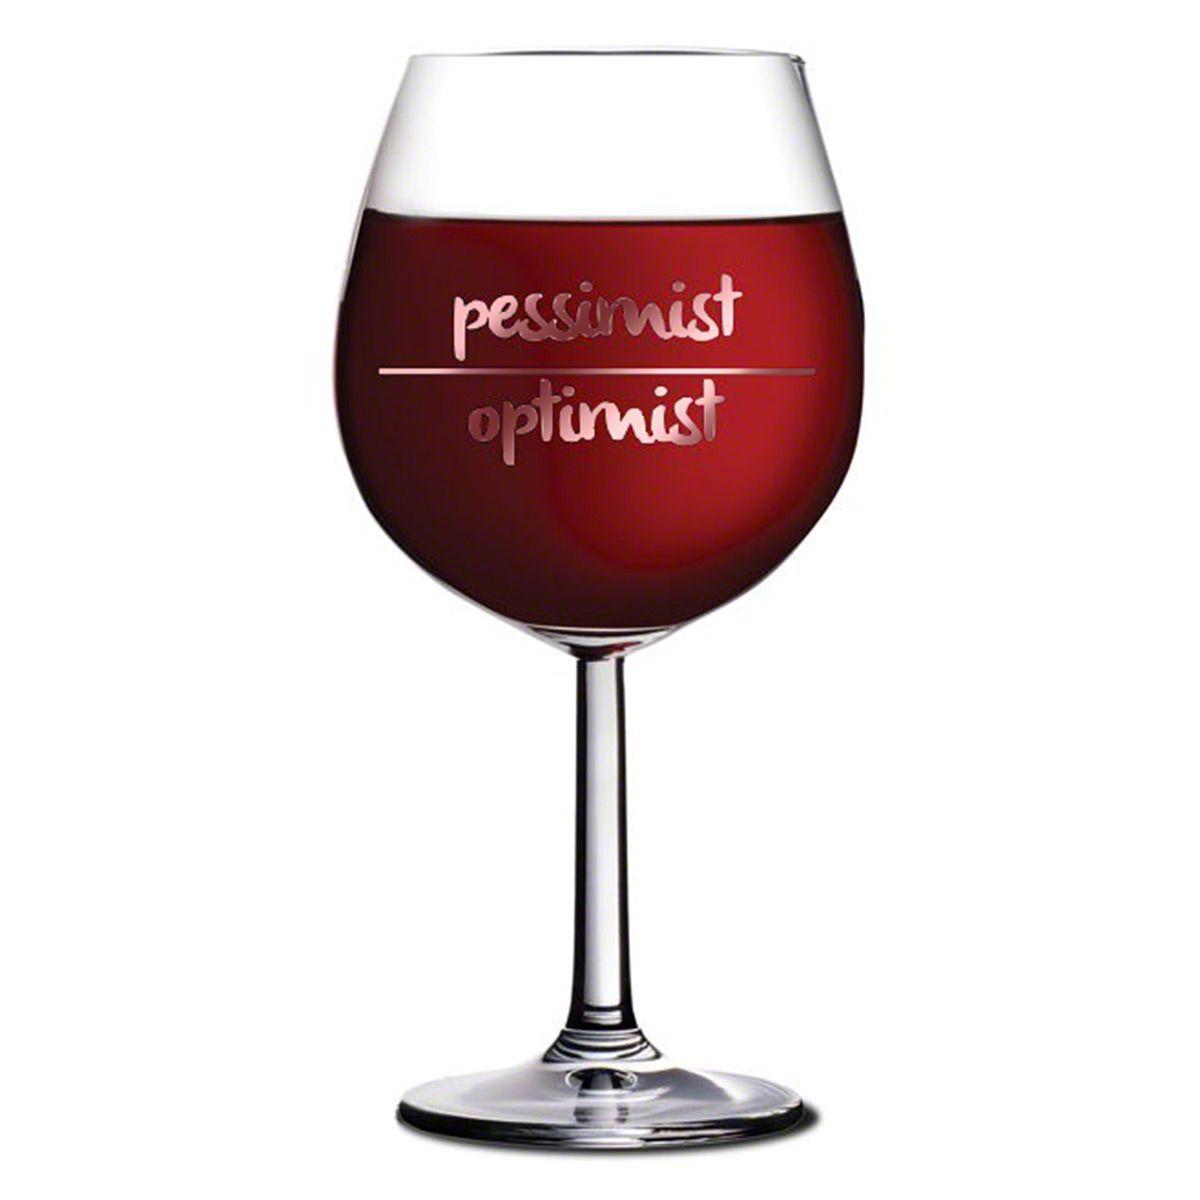 Pessimist Optimist XL Funny Wine Glass